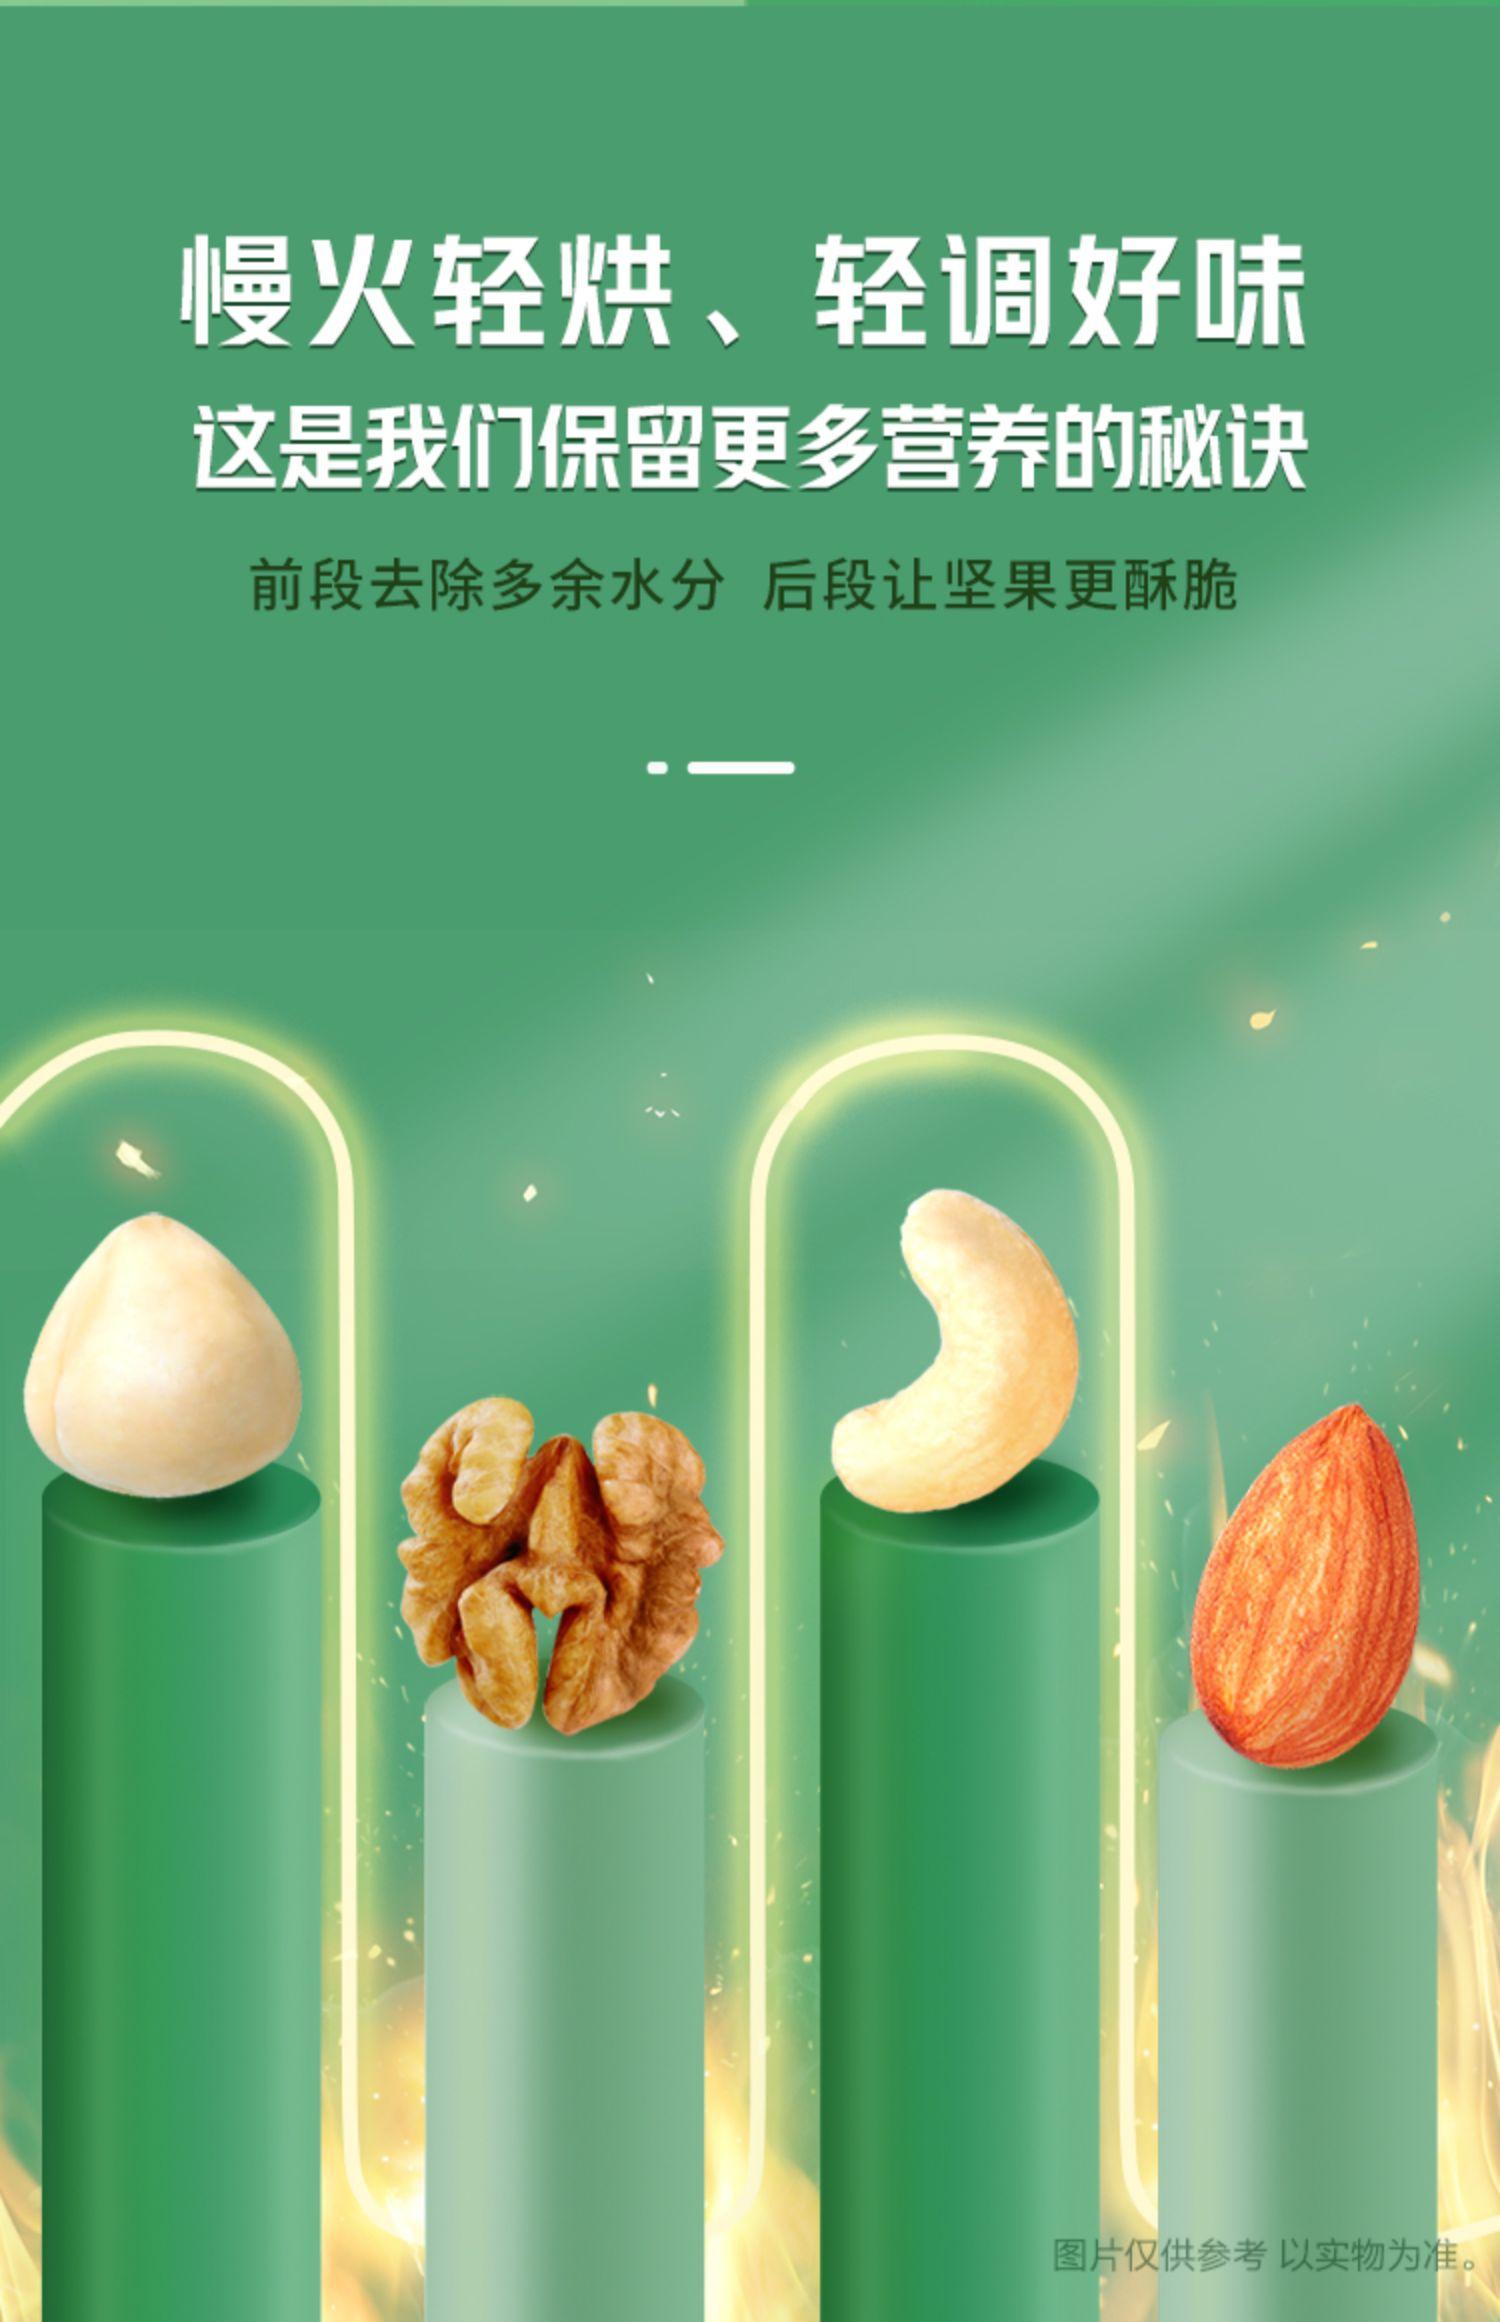 【百草味】每日坚果礼盒750g/30袋10